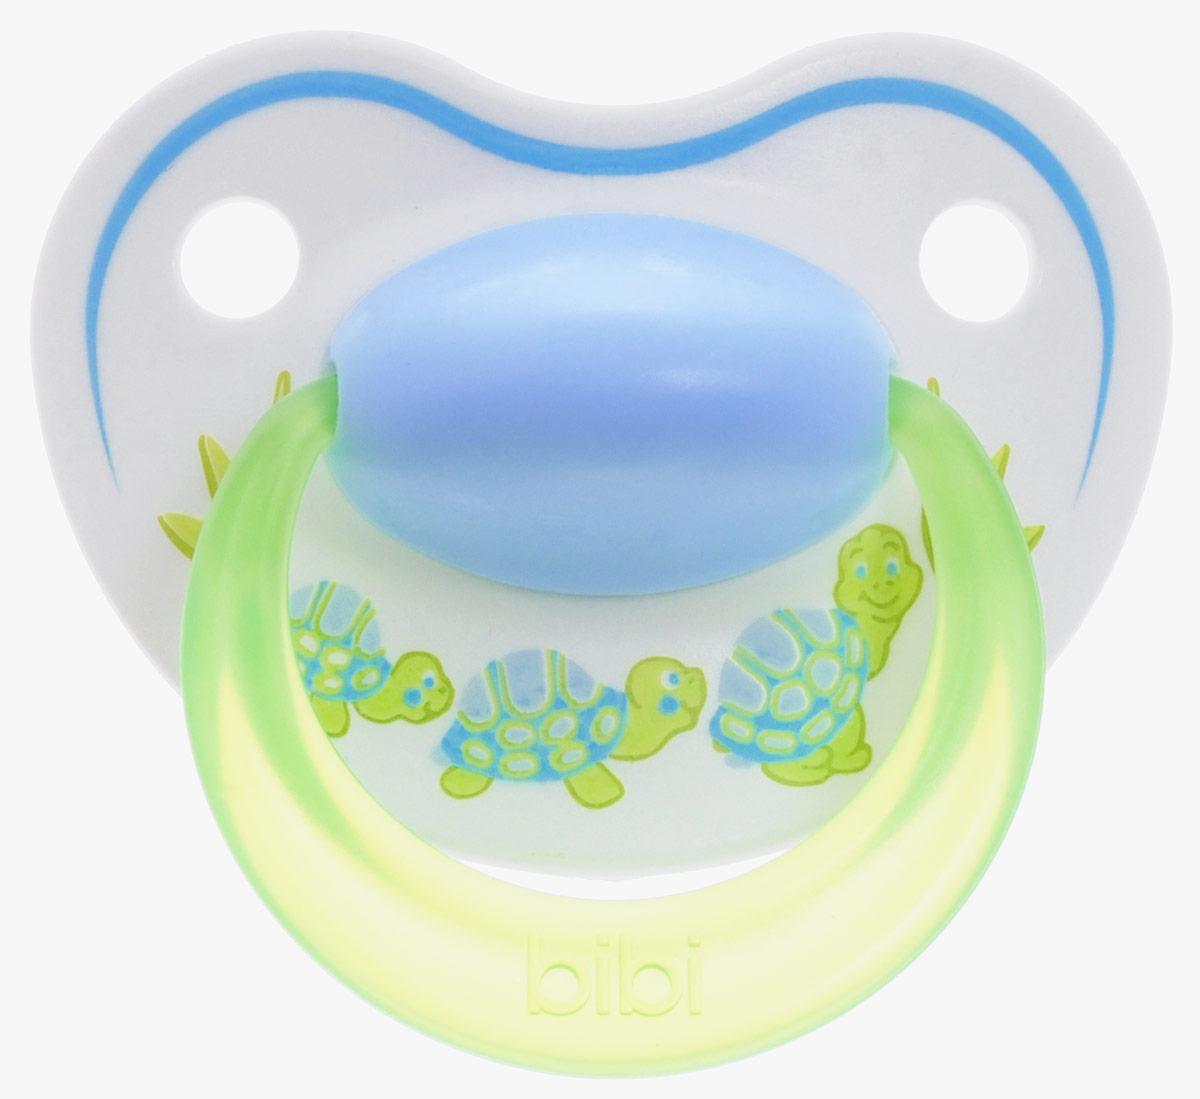 Bibi Пустышка силиконовая Happiness Черепахи от 6 до 16 месяцев113210_голубой,салатовый, черепахиСиликоновая пустышка Bibi Happiness. Черепахи предназначена для детей от 6 до 16 месяцев. Размер соски разработан в соответствии с возрастом ребенка. Силикон - это мягкий и прозрачный материал, который не липнет и легко моется. Мягкий и гибкий наконечник способствует естественному развитию десен и челюстей. Анатомическая форма нагубника повторяет форму рта и обеспечивает удобство при движении нижней челюсти. Дополнительную безопасность обеспечивают два вентиляционных отверстия. Предохранительное кольцо-держатель позволяет в любой момент легко вынуть пустышку. Пустышка удовлетворяет естественный сосательный рефлекс и тренирует мышцы губ, языка и челюсти, что играет важную роль в развитии речевых навыков и навыков приема пищи. Не содержит бисфенол-А. В наборе пустышка с колпачком.